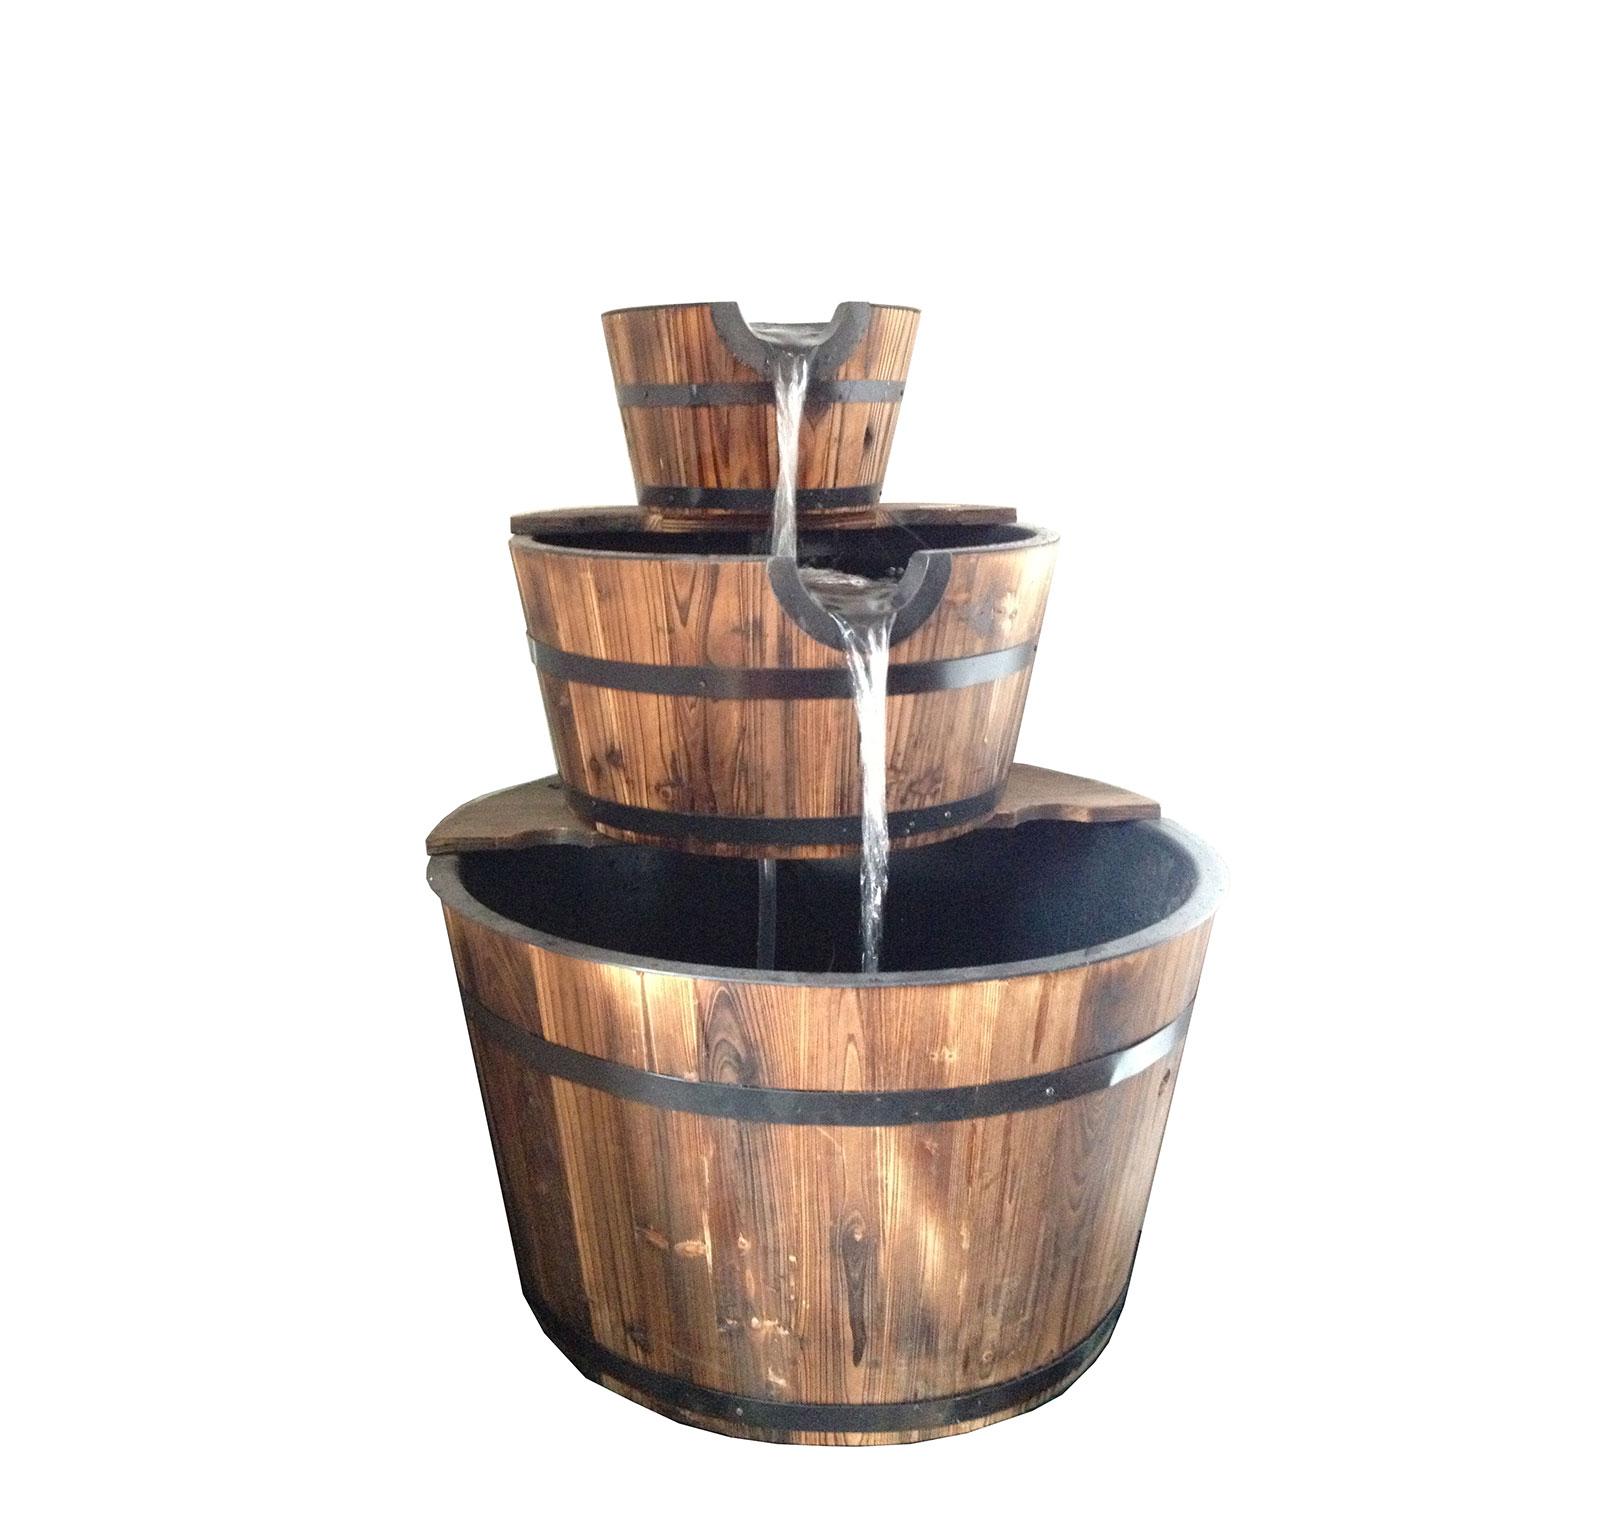 Bentley outdoor patio three tier wooden barrel water feature fountain